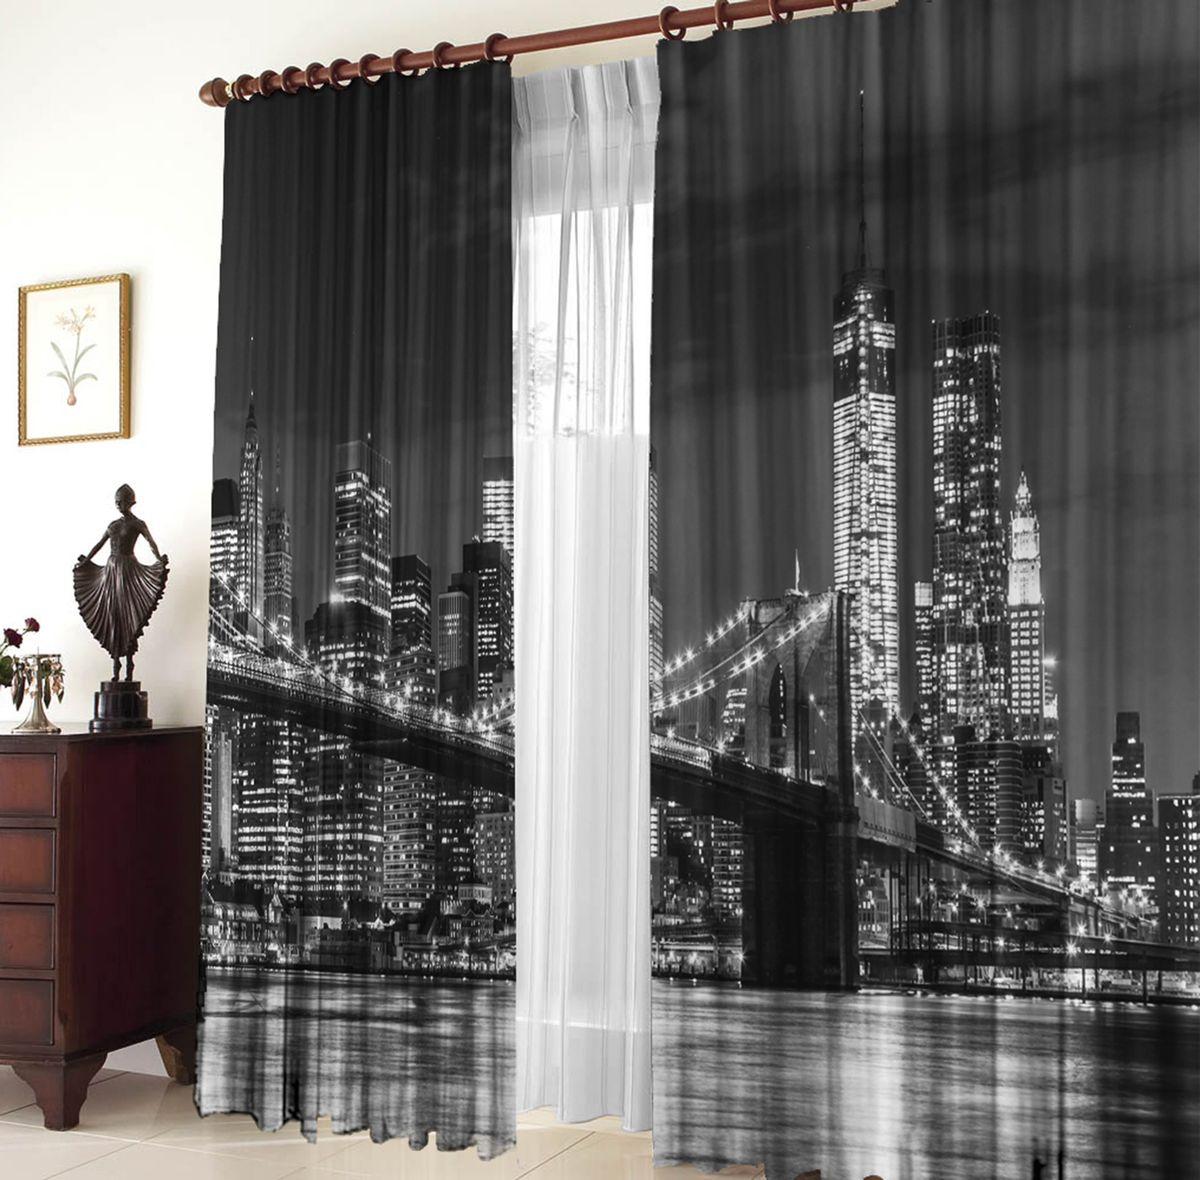 Комплект фотоштор Zlata Korunka Бруклинский мост, на ленте, высота 270 см1004900000360Комплект фотоштор Zlata Korunka Бруклинский мост на ленте изготовлен из высококачественного 100% полиэстера. Фотошторы можно гладить и стирать.Уход: бережная стирка при 30°С, деликатный отжим, отбеливание запрещено, гладить при t не более 150°С.Светопоглощение 70%. Плотность ткани: 150 г/м2. Ширина штор: 150 см.Внимание!Оттенок изделия может отличаться от представленного на сайте из-за особенностей цветопередачи фототехники и вашего монитора.